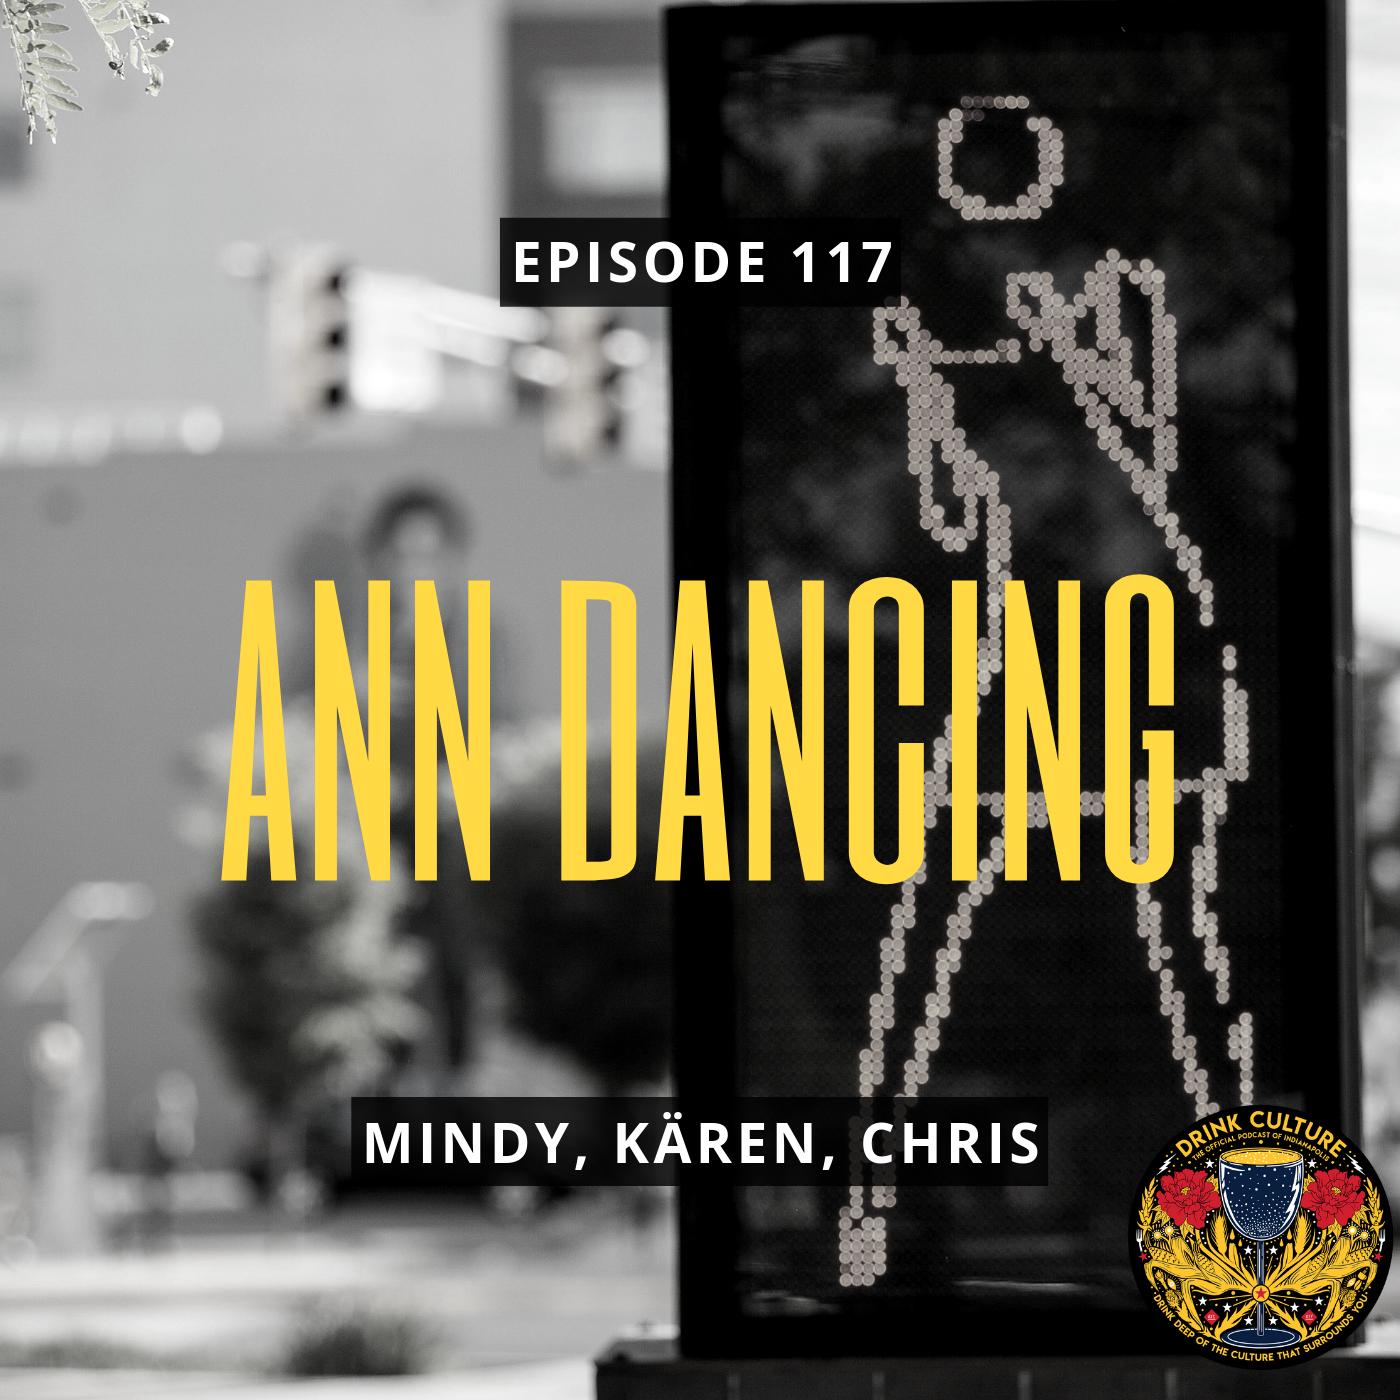 Episode 117: #KeepAnnDancing -